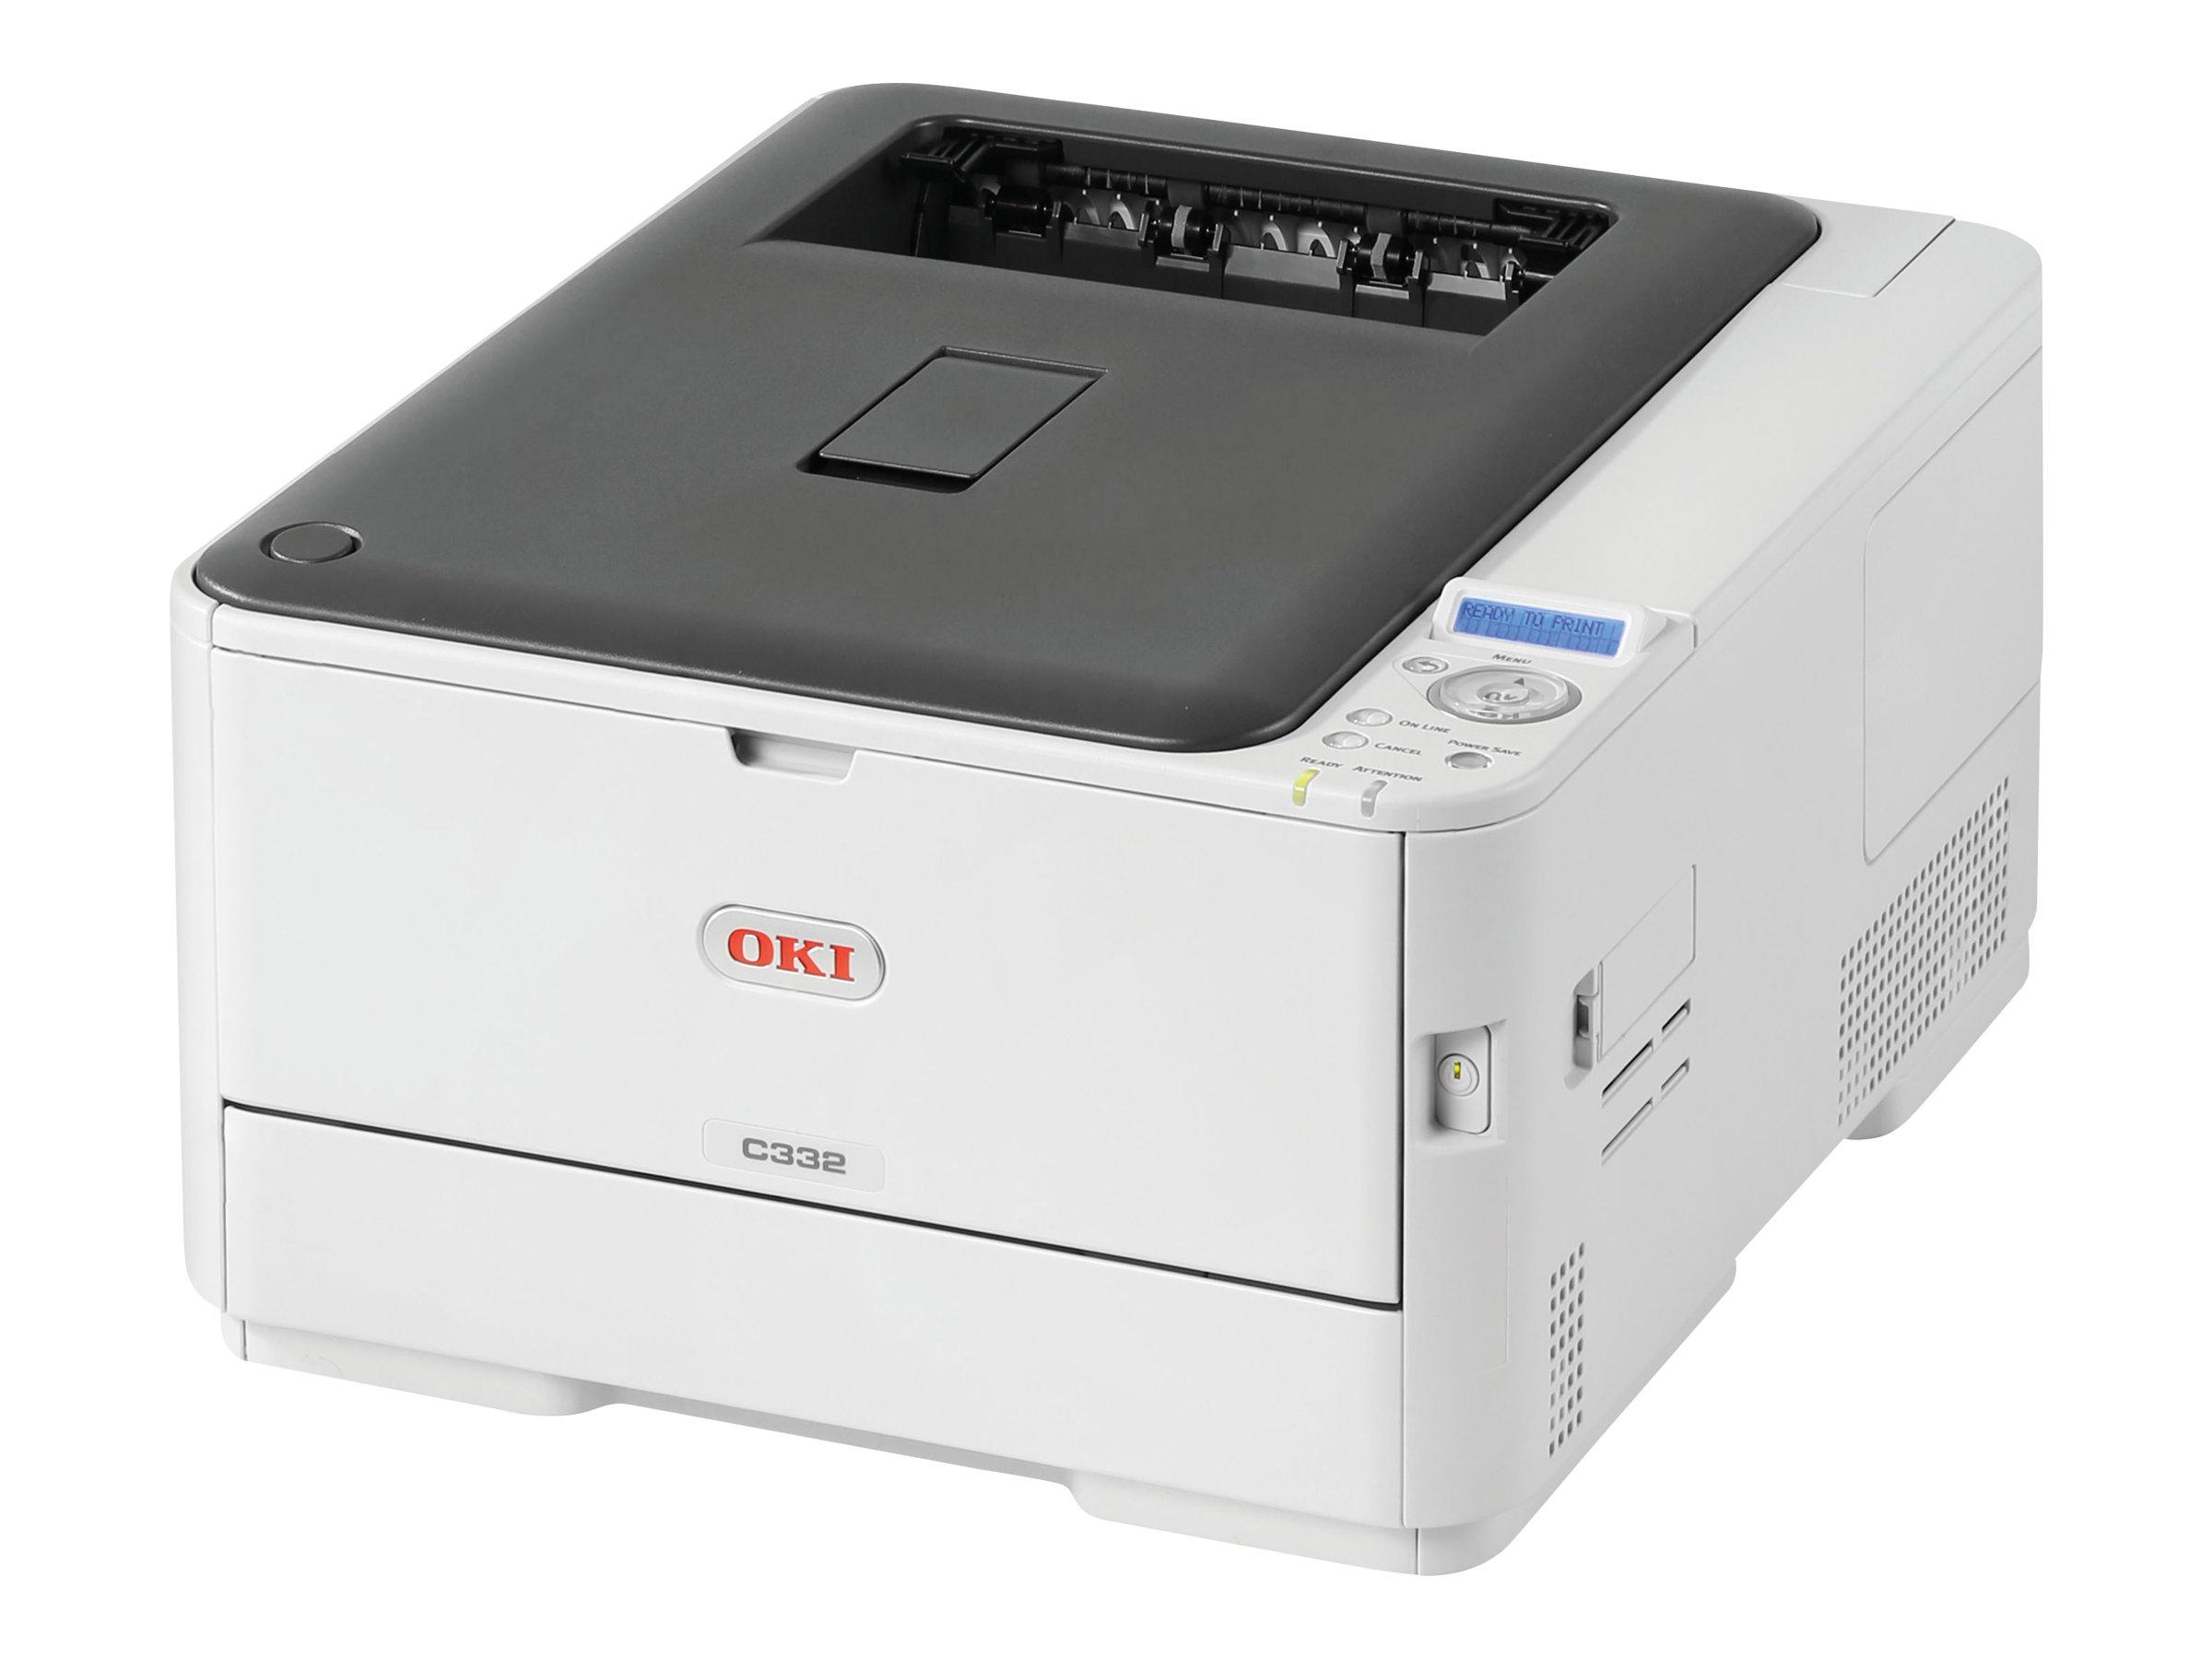 OKI C332dn - Drucker - Farbe - Duplex - LED - A4 - 1200 x 600 dpi - bis zu 30 Seiten/Min. (einfarbig)/